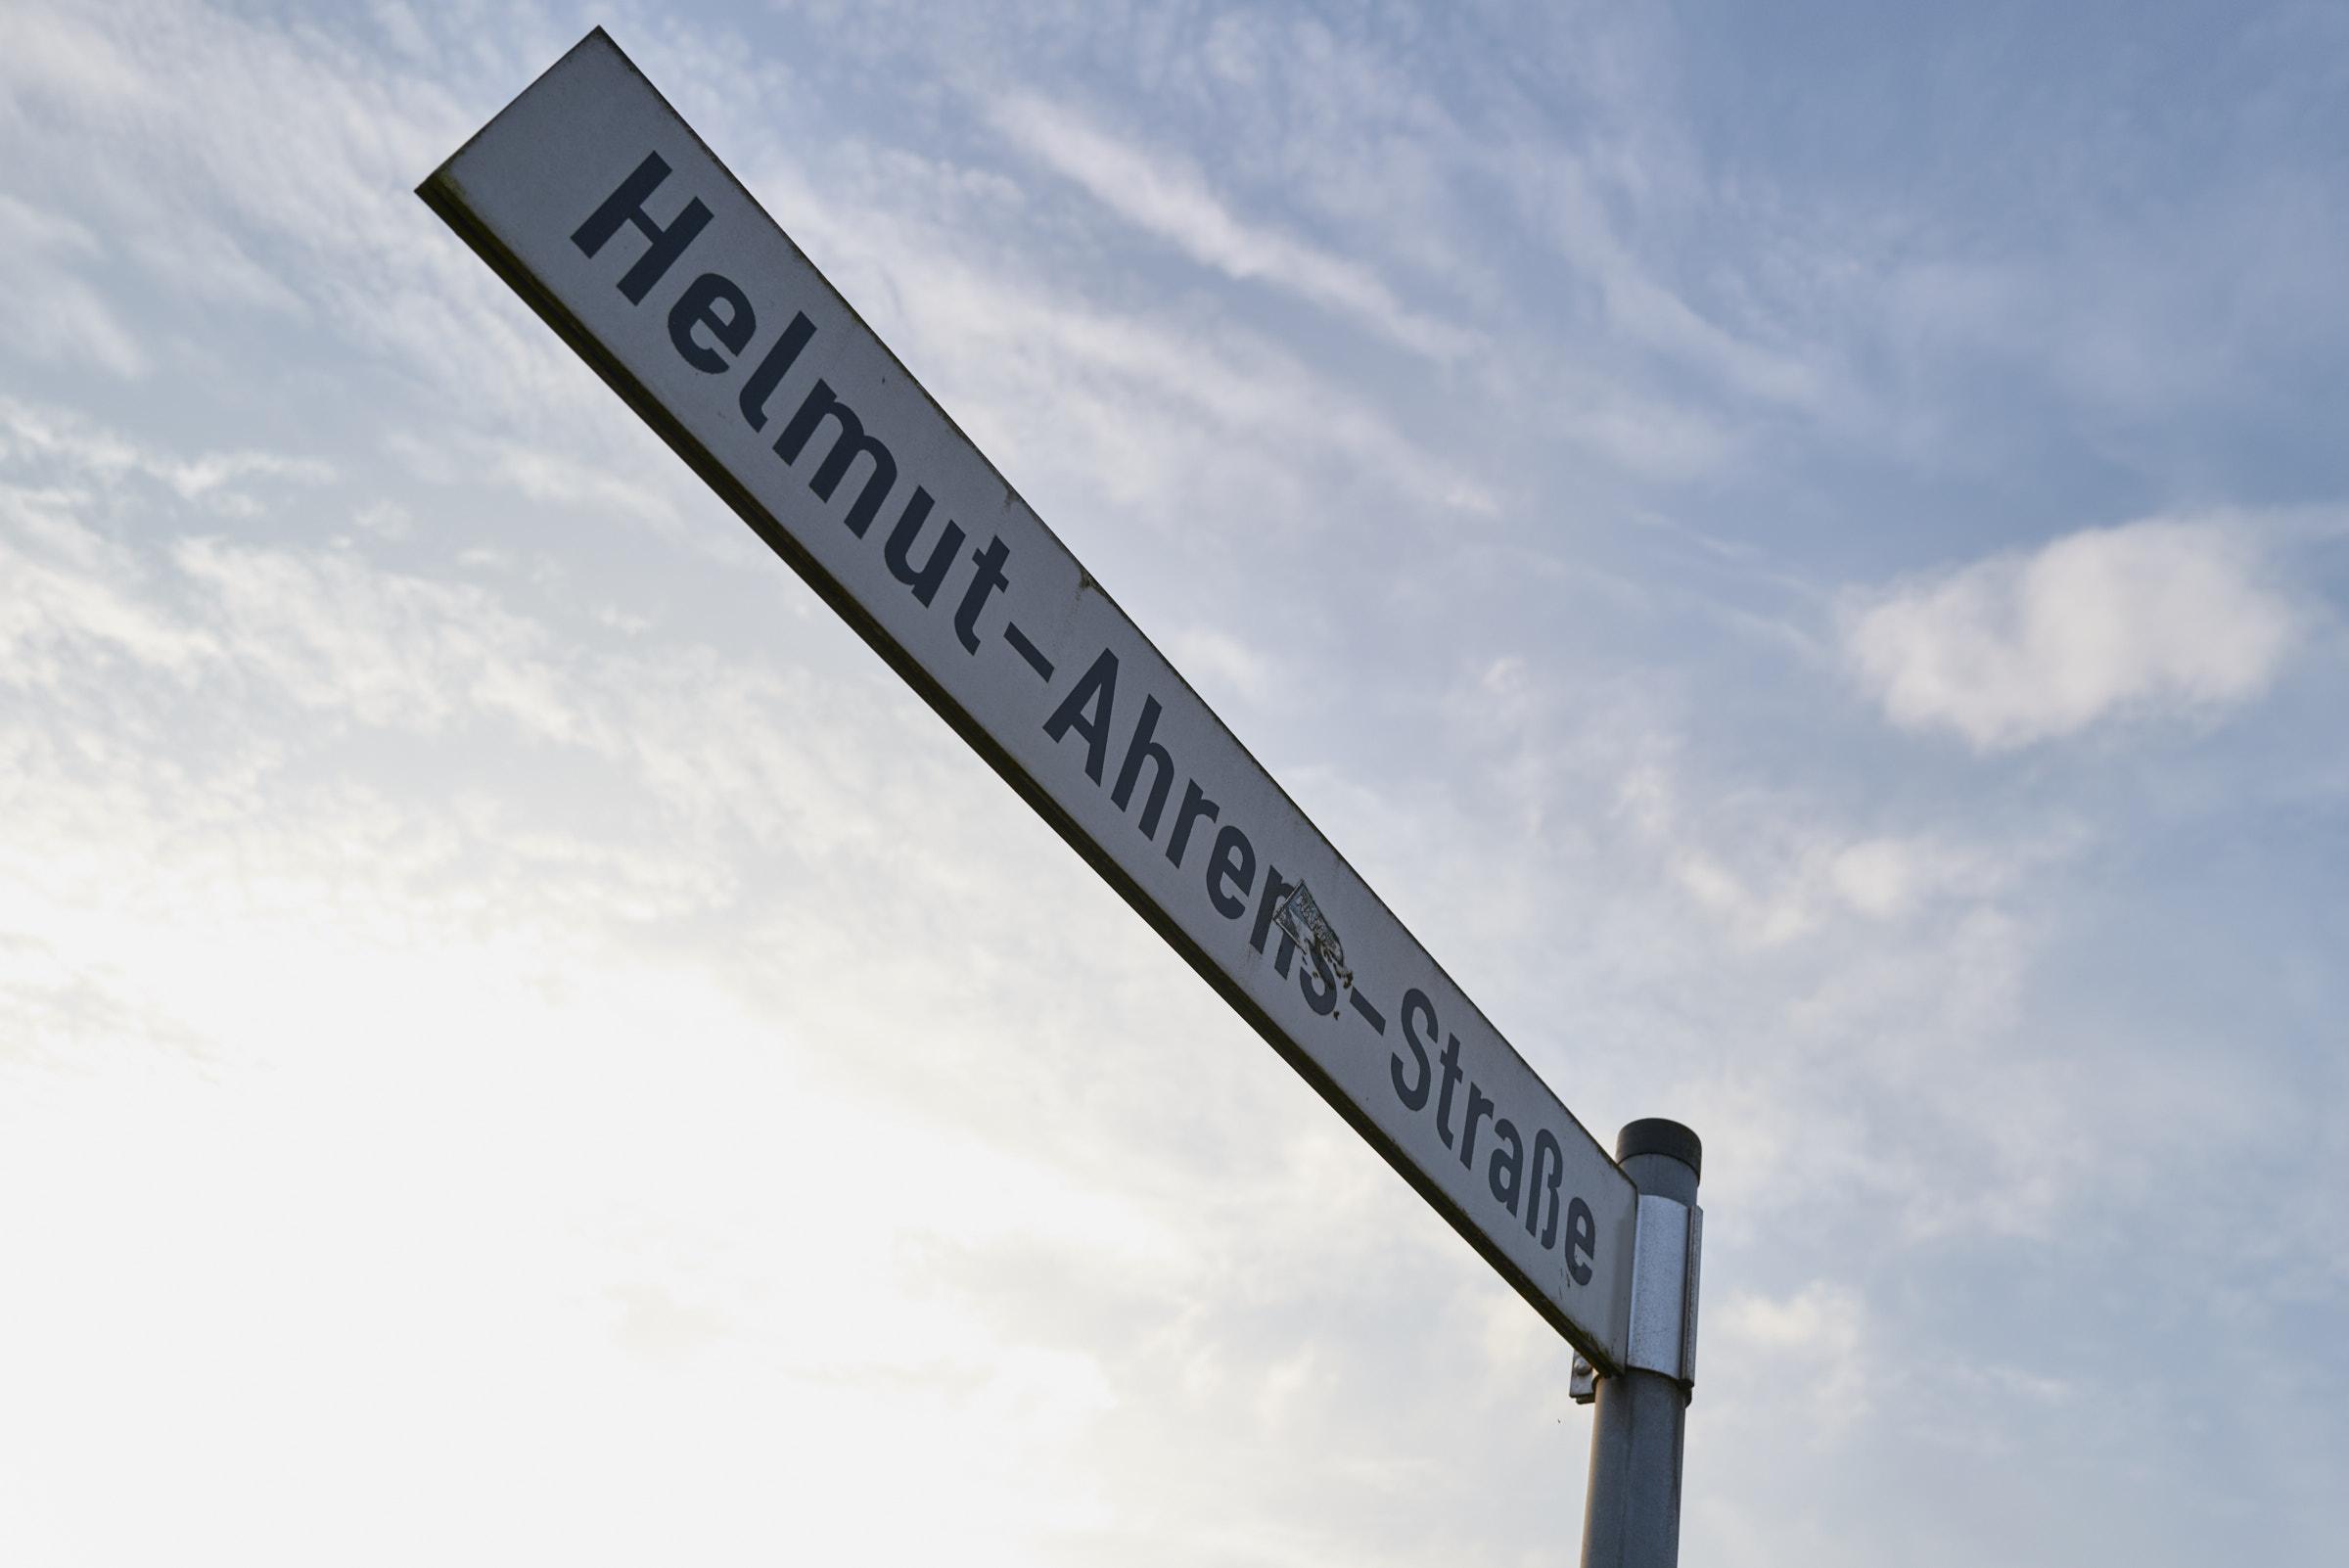 Helmut-Ahrens-Str_2